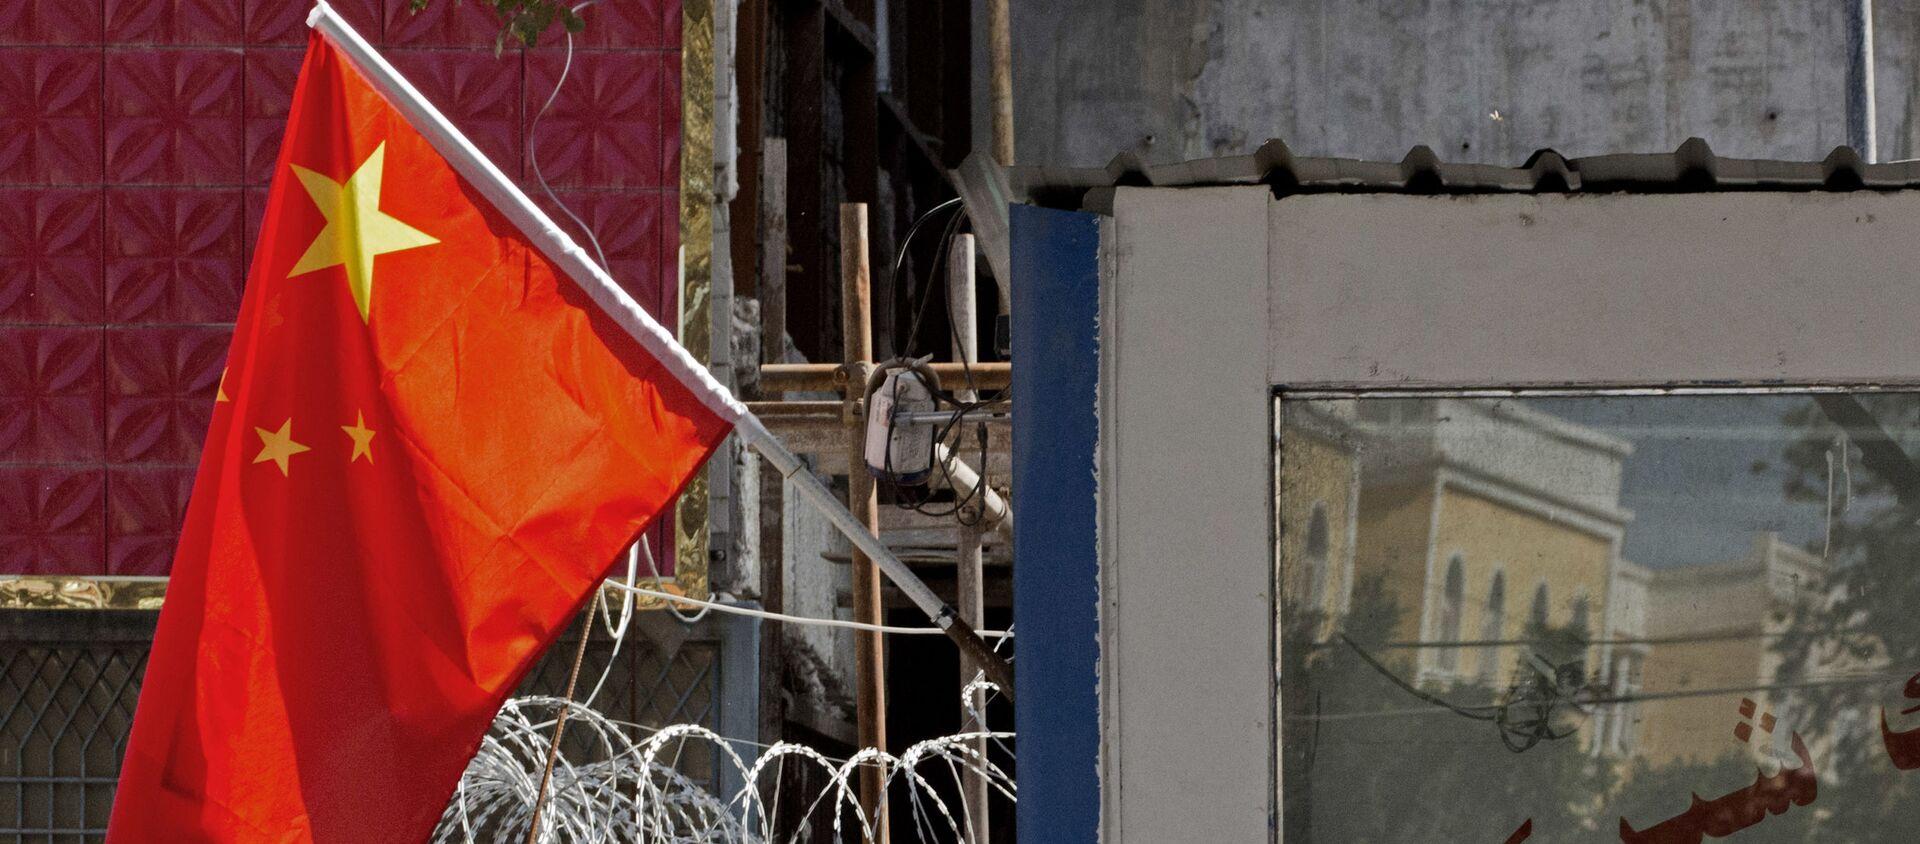 Người dân đứng gần hàng rào có dây thép gai và quốc kỳ Trung Quốc ở khu vực Tân Cương, miền tây Trung Quốc. - Sputnik Việt Nam, 1920, 16.04.2021